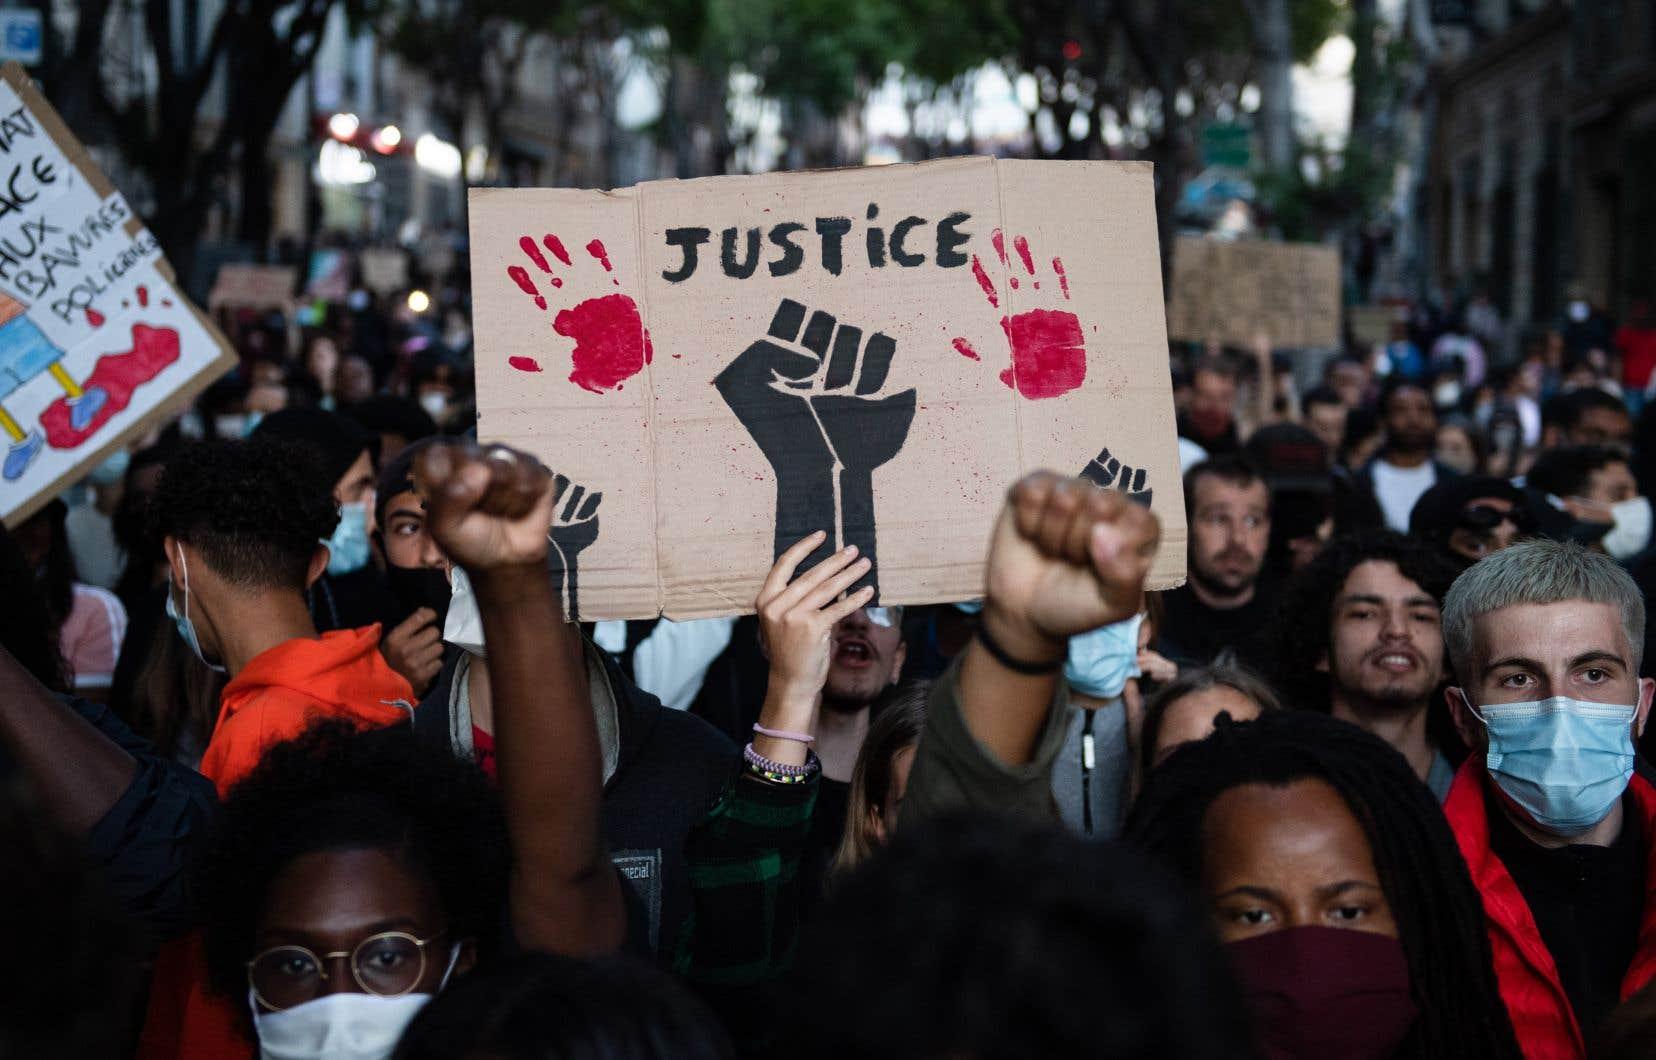 Les manifestations accusant la police française de racisme et de violence, et dénonçant plus largement le racisme dans en France se multiplient.